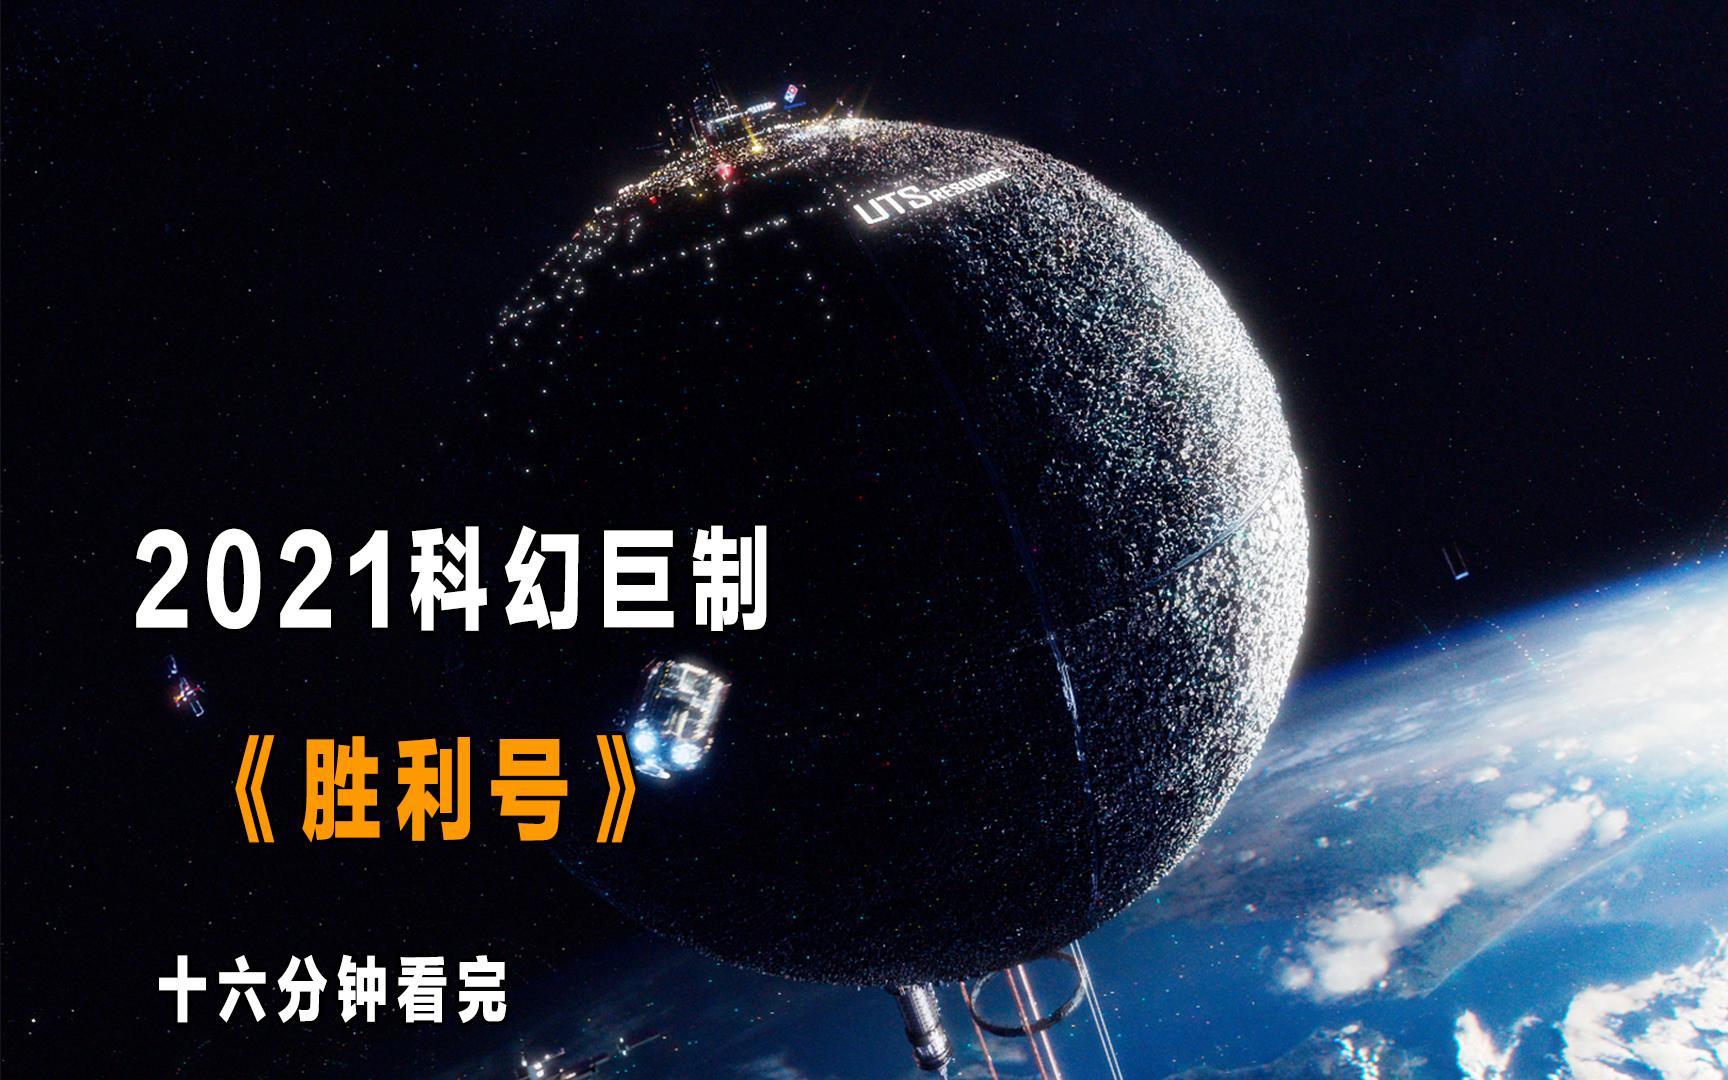 16分钟看完2021科幻巨制《胜利号》,网友直呼媲美《流浪地球》